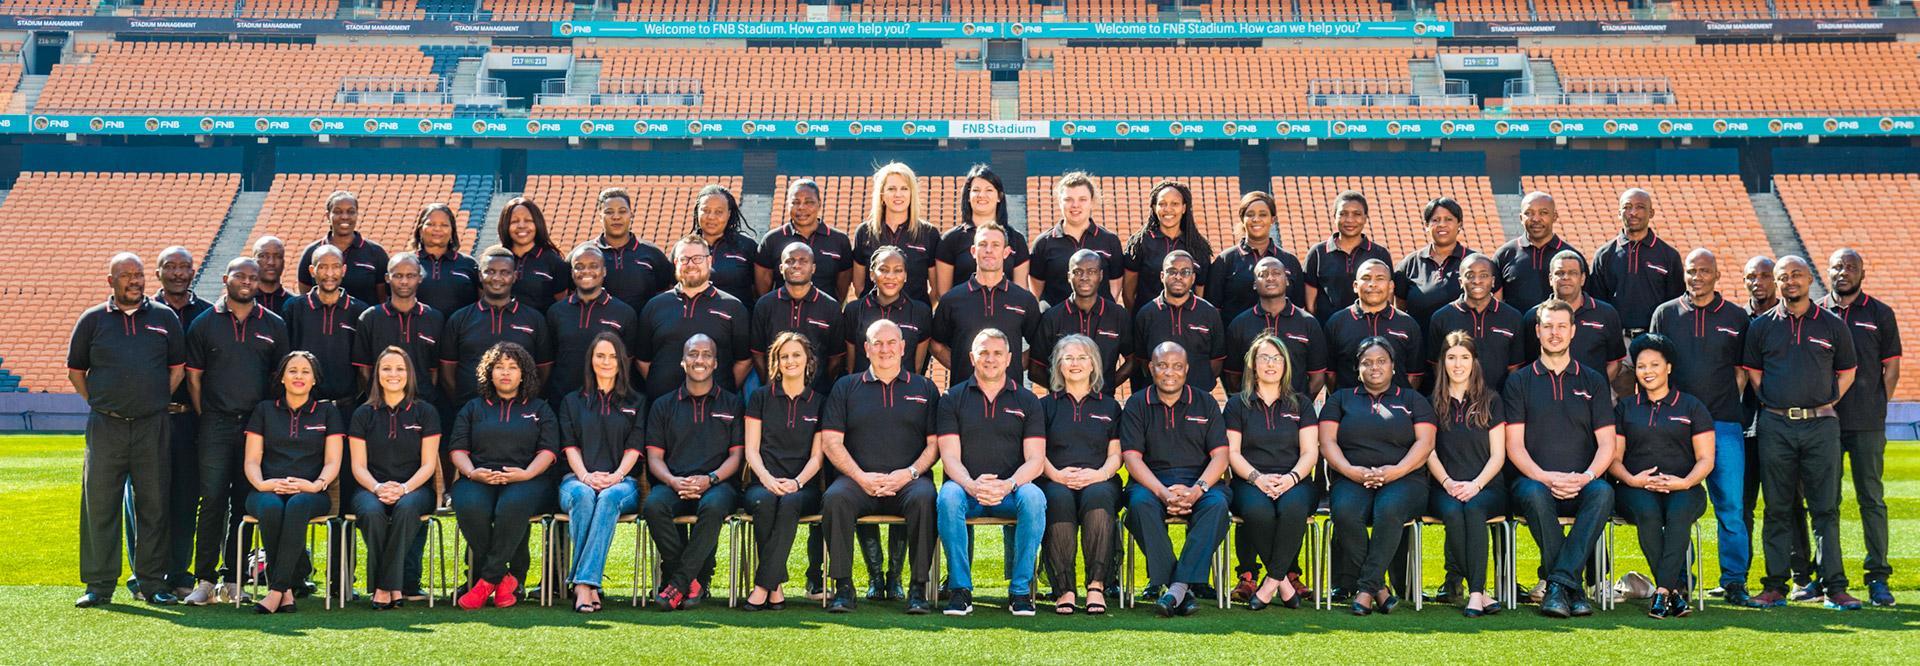 2018-smsa-team